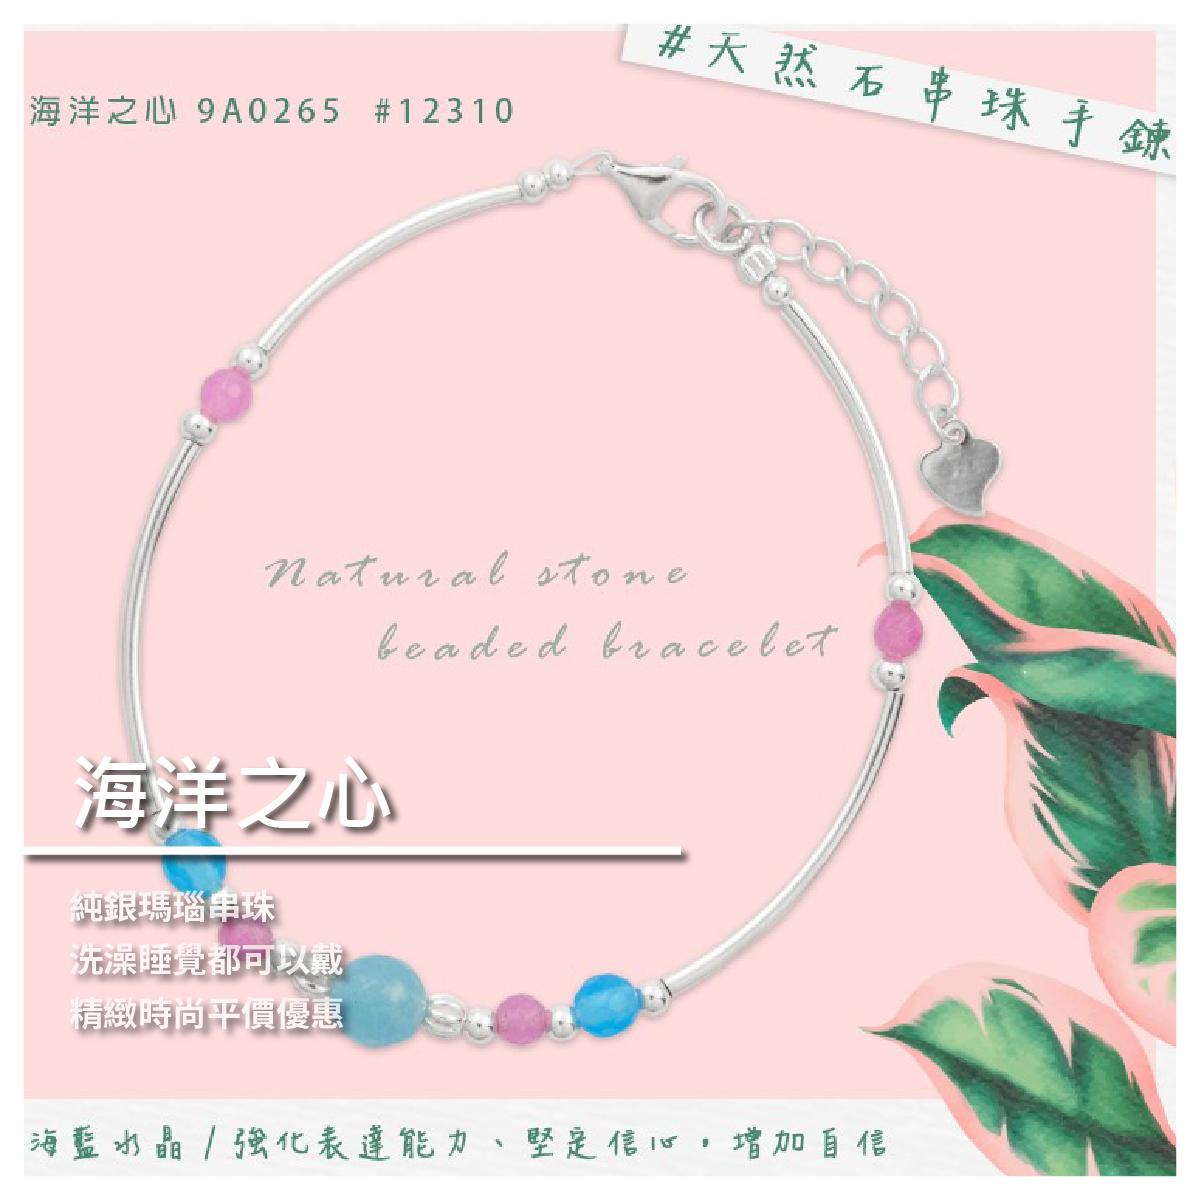 【漂亮飾品屋】海洋之心_輕時尚寶石串珠手鍊15cm